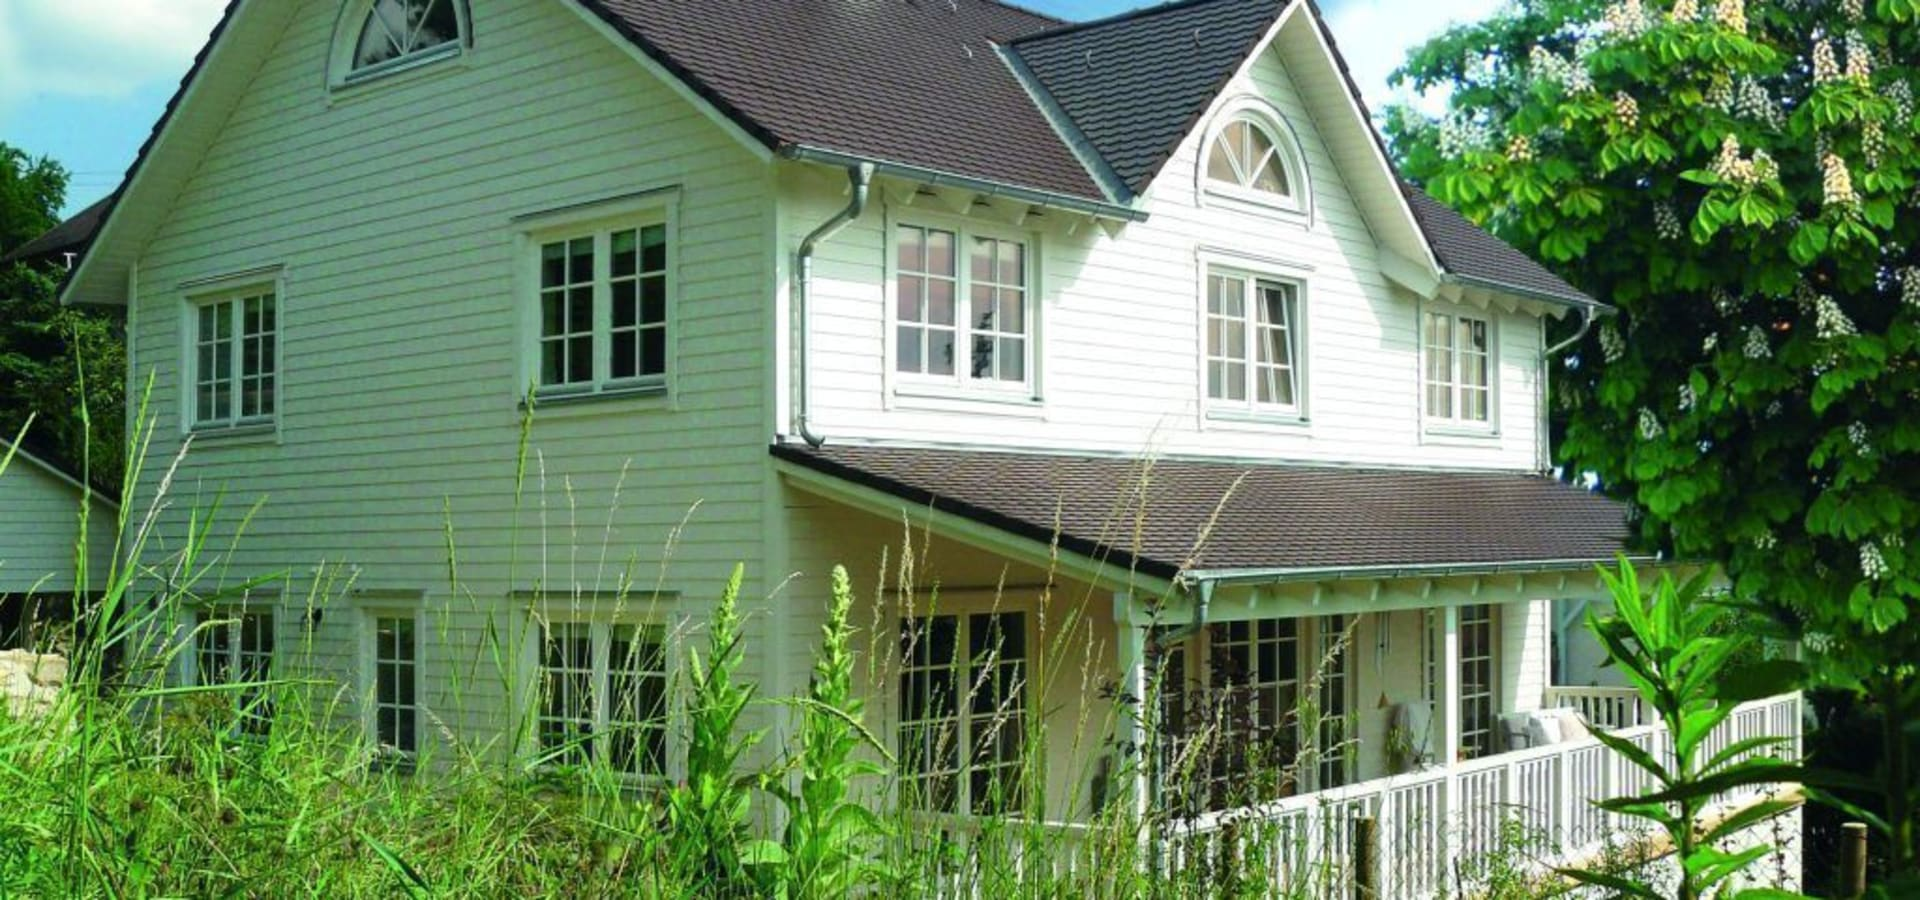 Faszinierend Haus Mit Veranda Sammlung Von Skan-hus Gmbh